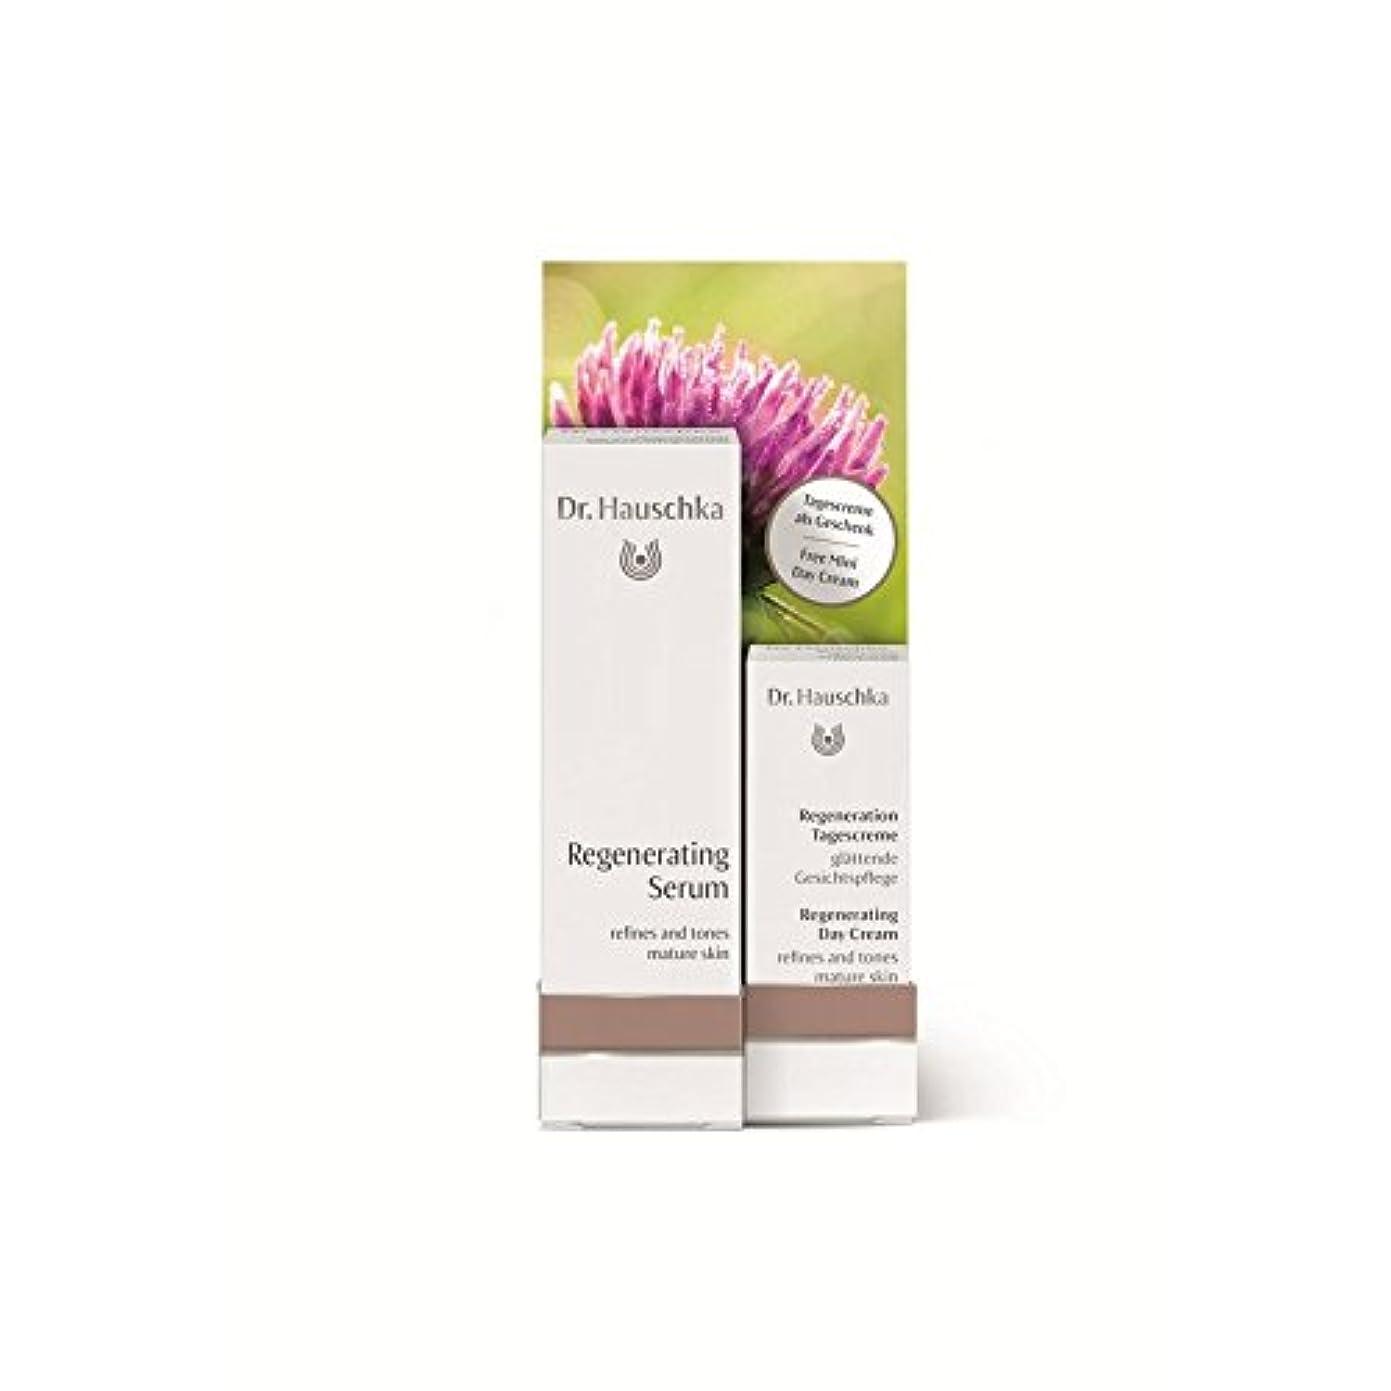 ラショナルおしゃれじゃないカニDr. Hauschka Regenerating Serum with a Free Regenerating Day Cream 5ml (Pack of 6) - 無料の再生デイクリーム5ミリリットルで血清を再生ハウシュカ x6 [並行輸入品]